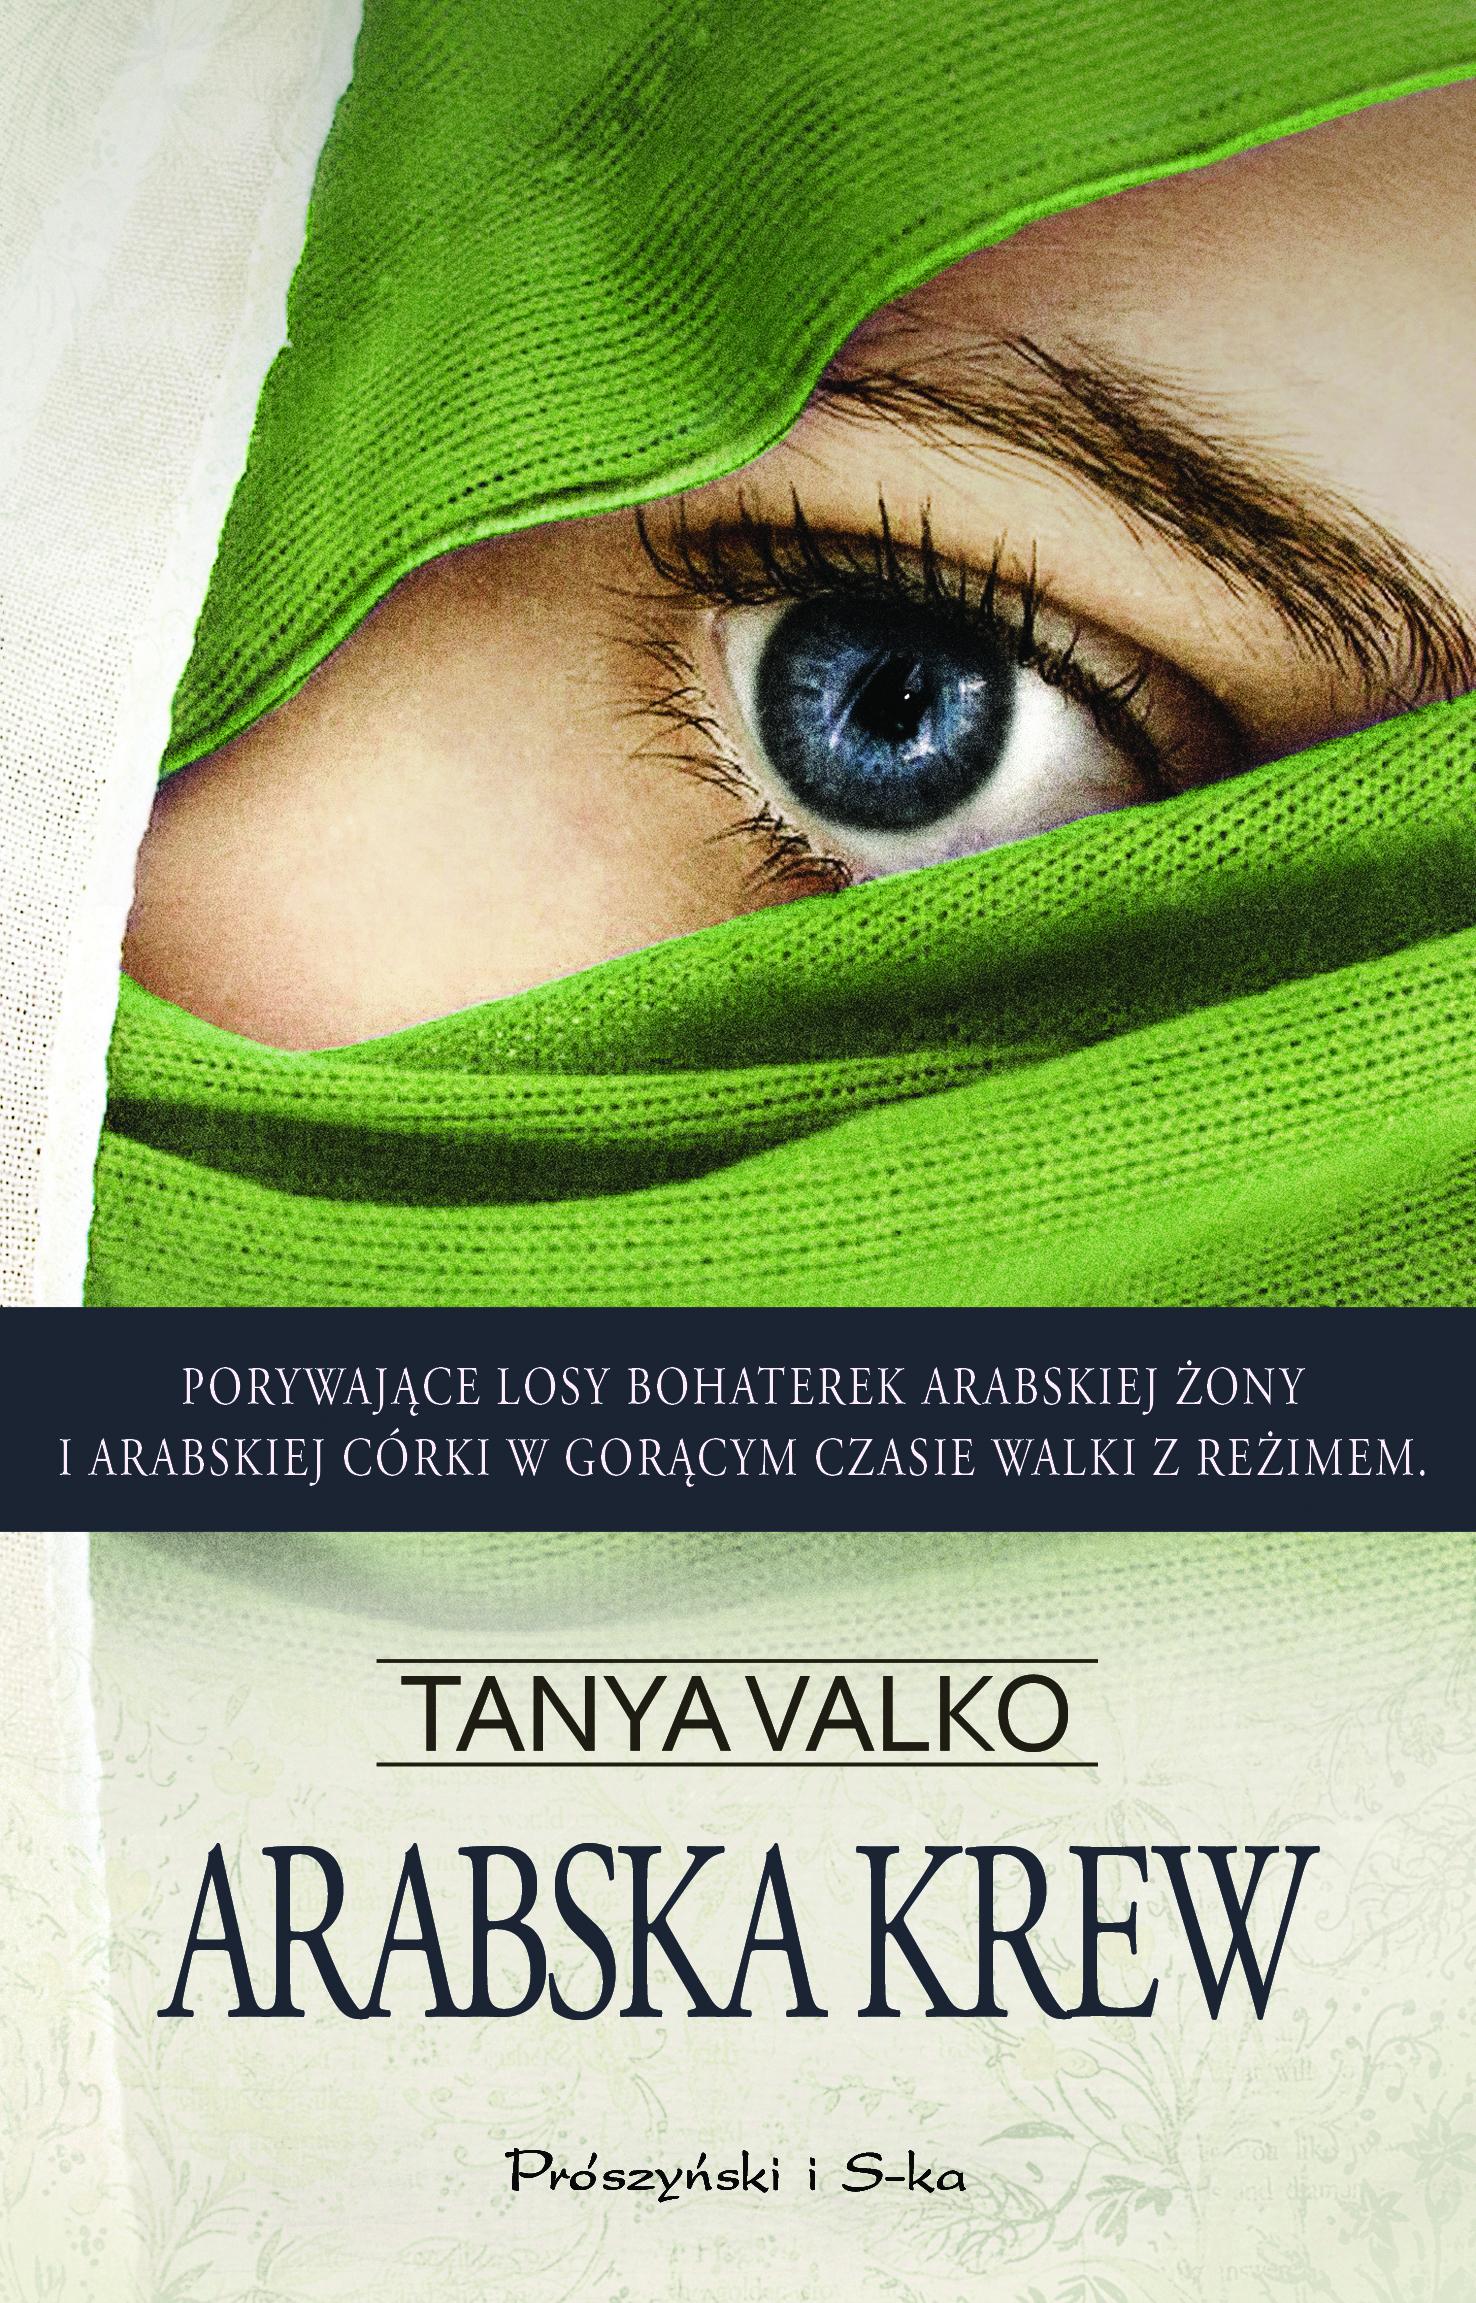 """Tanya Valko, """"Arabska krew"""", okładka książki (źródło: materiały prasowe)"""